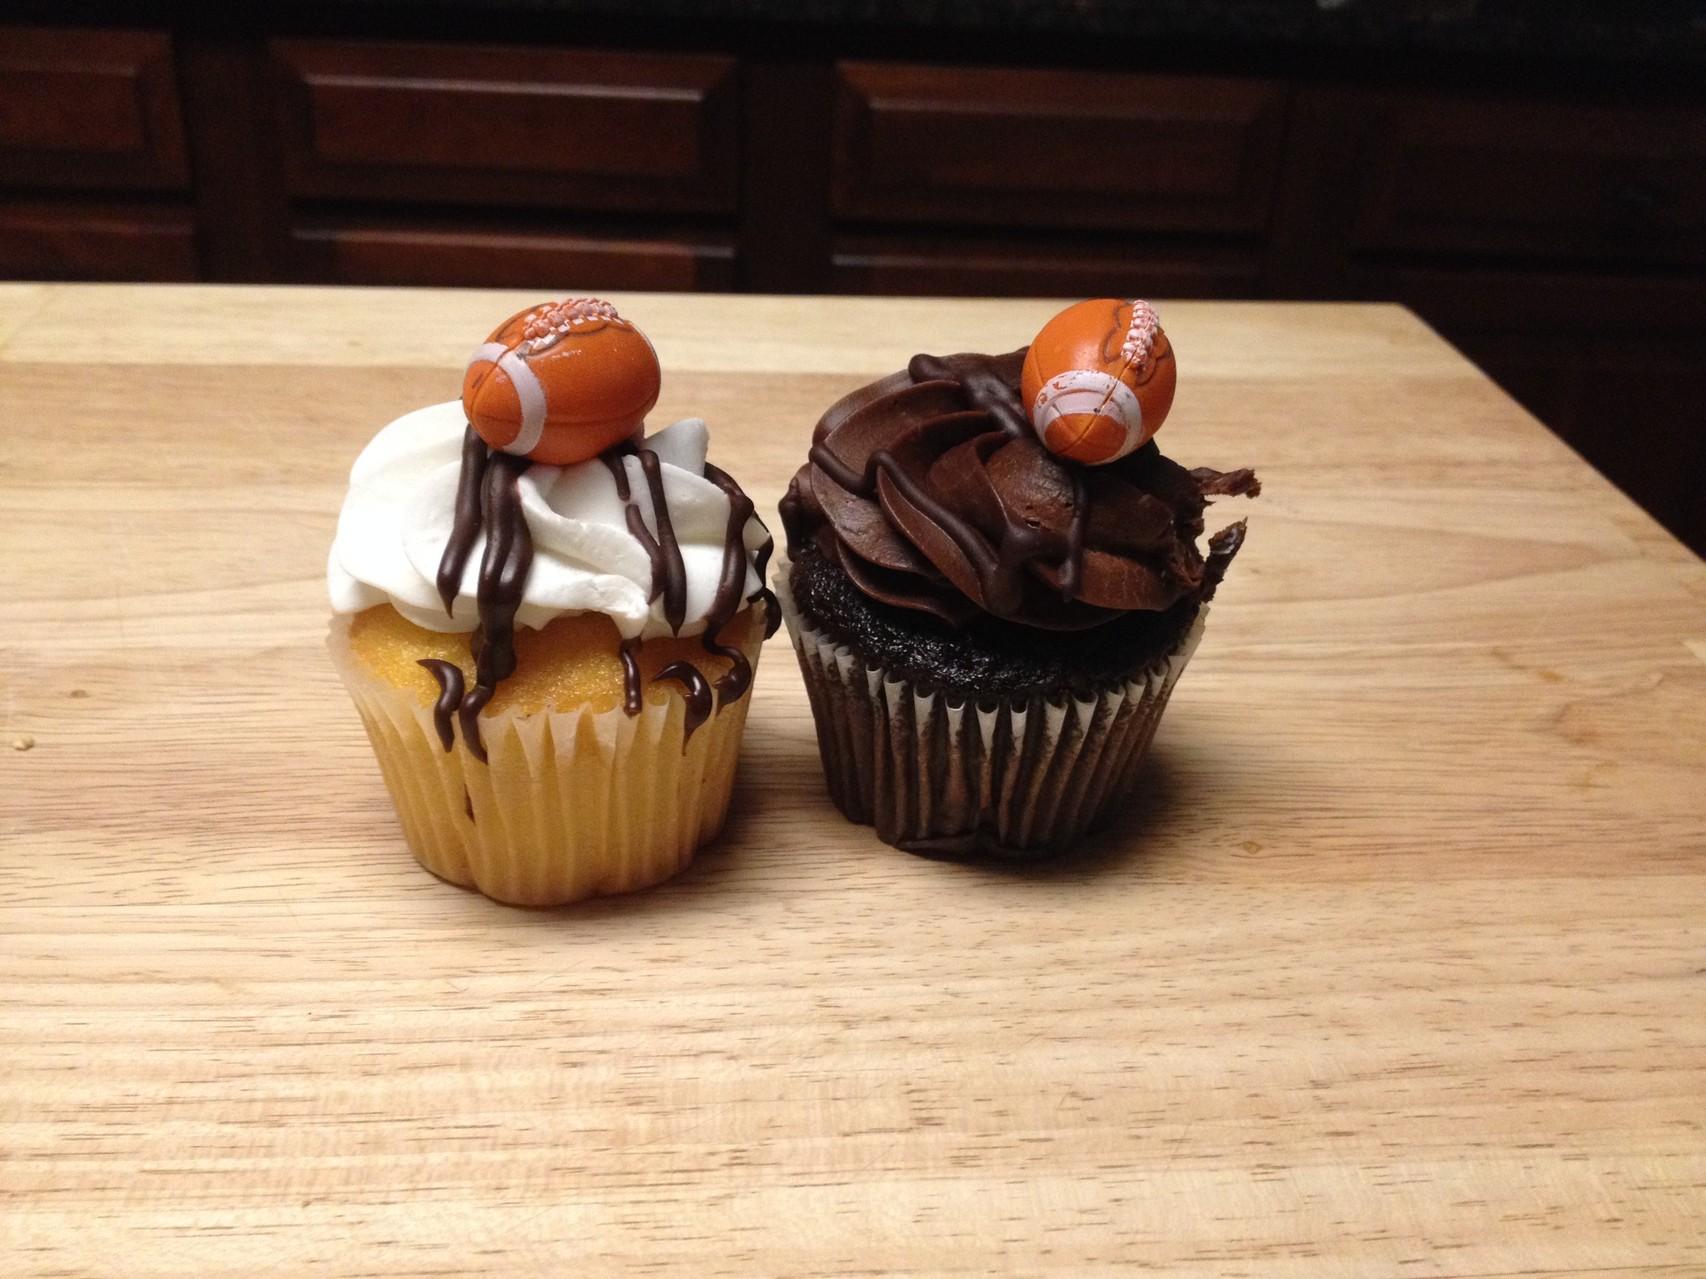 Football-Cupcakes (ich hab den braunen gegessen!)